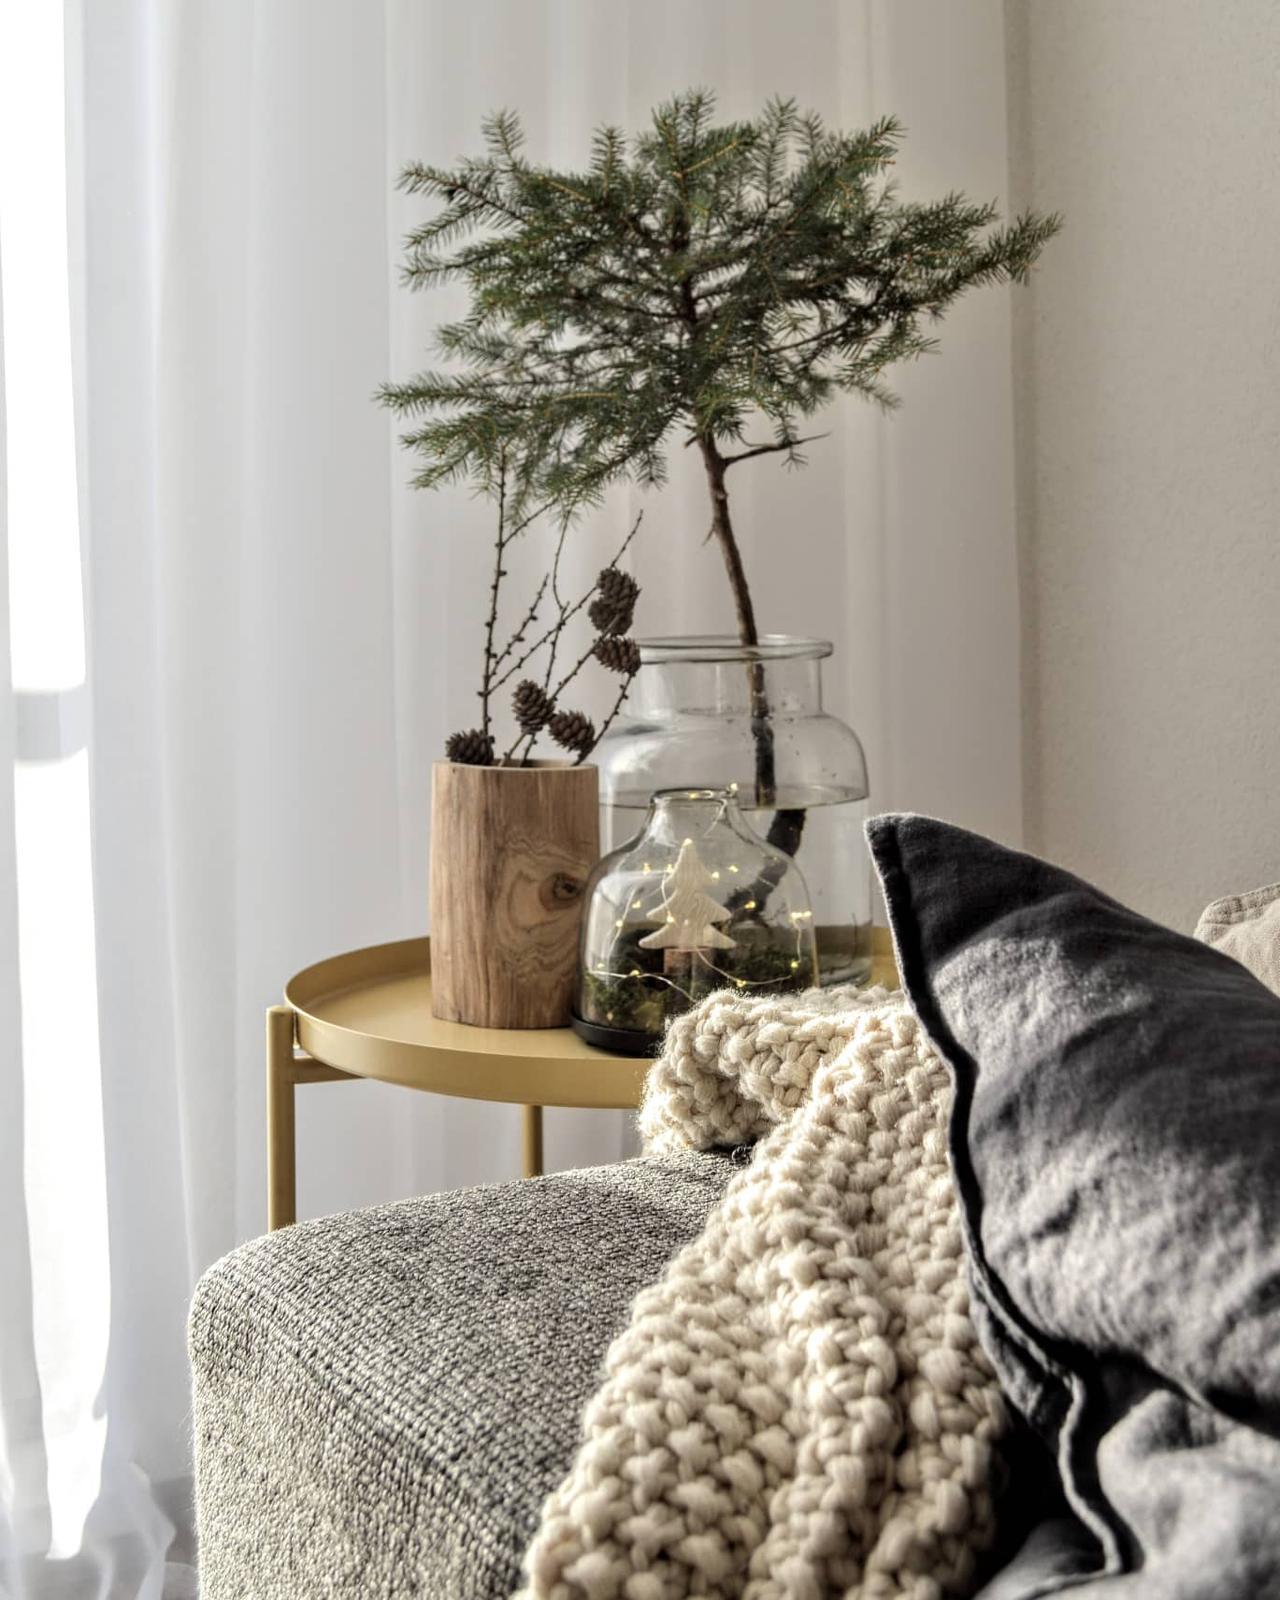 🖤 keď drobnosti robia radosť 🖤 - nenápadne sa k nám vkráda vianočná výzdoba :)